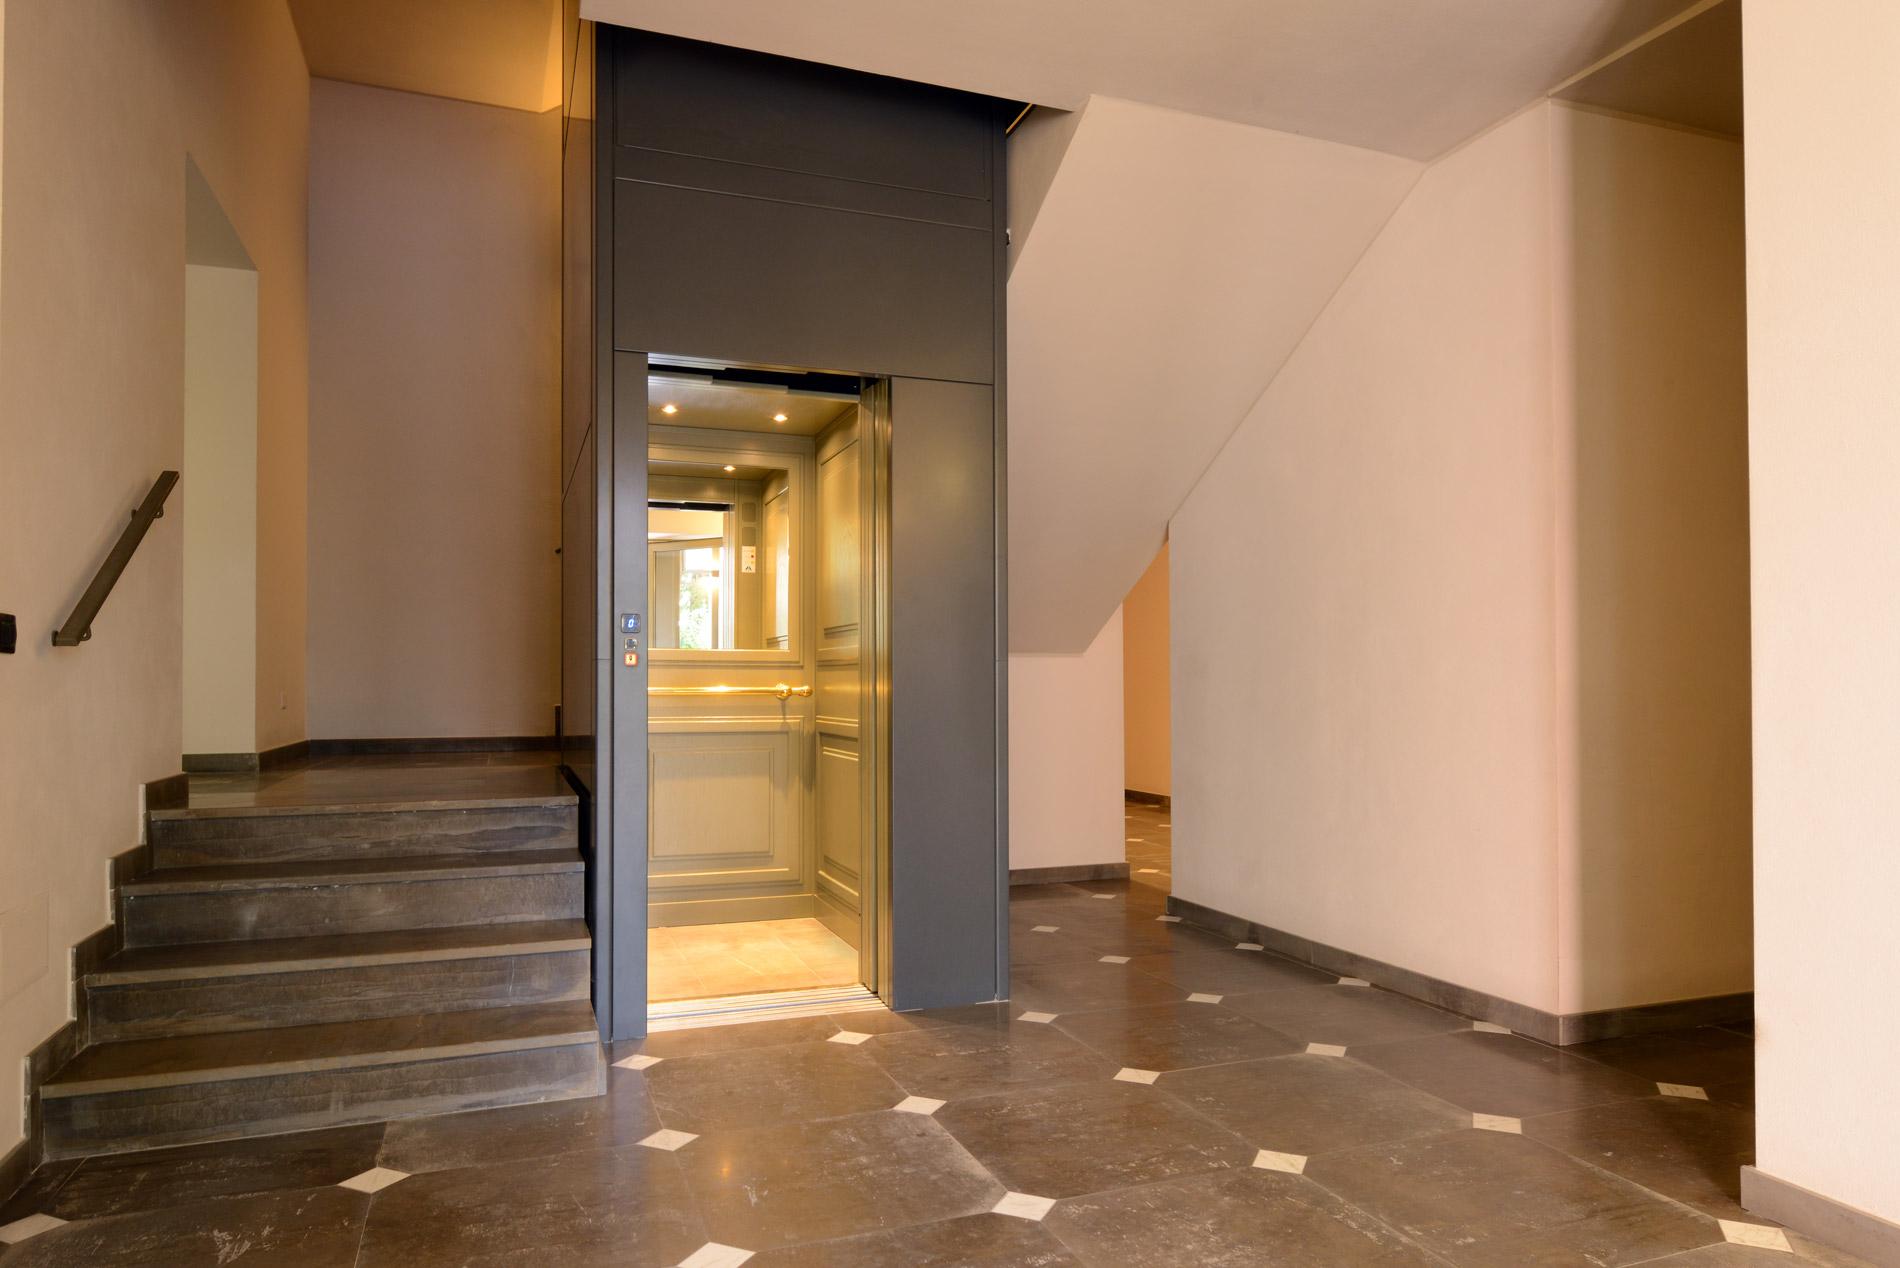 Costo Ascensore Interno 3 Piani ascensori a gallarate, varese, busto arsizio: impianti